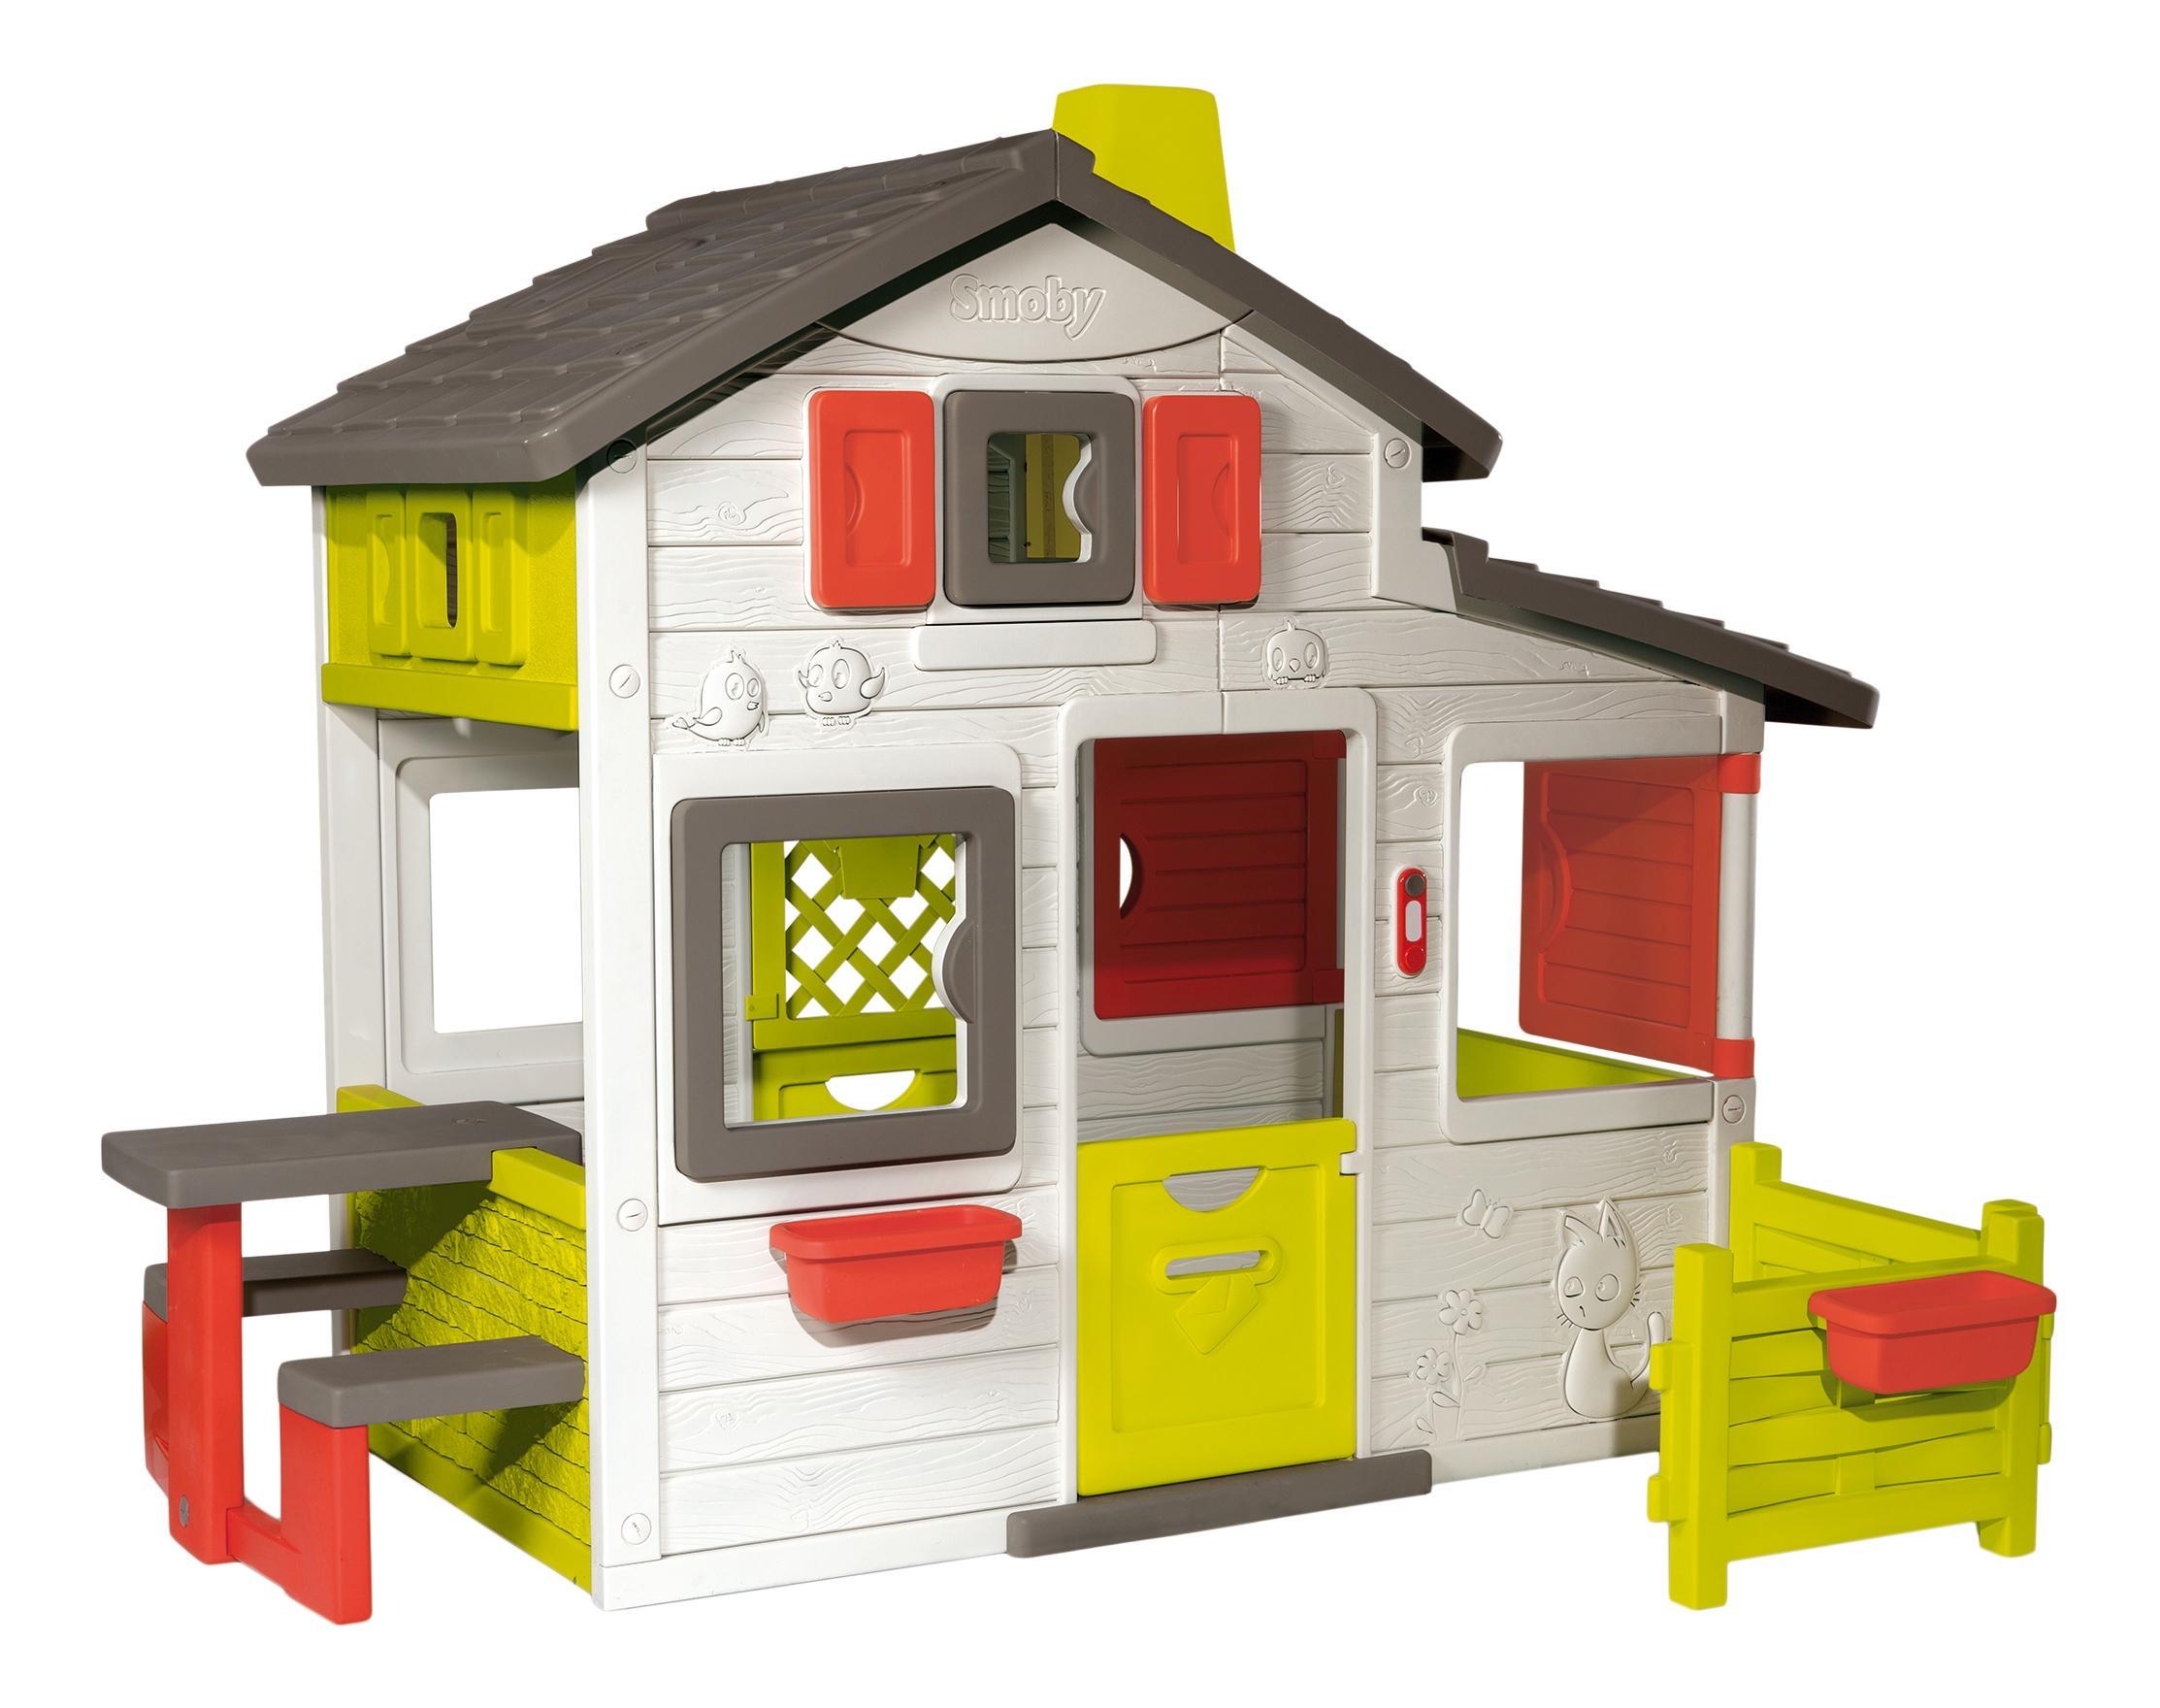 Купить Домик для друзей 212*157*172 см., 1/1, Smoby, Игровые домики